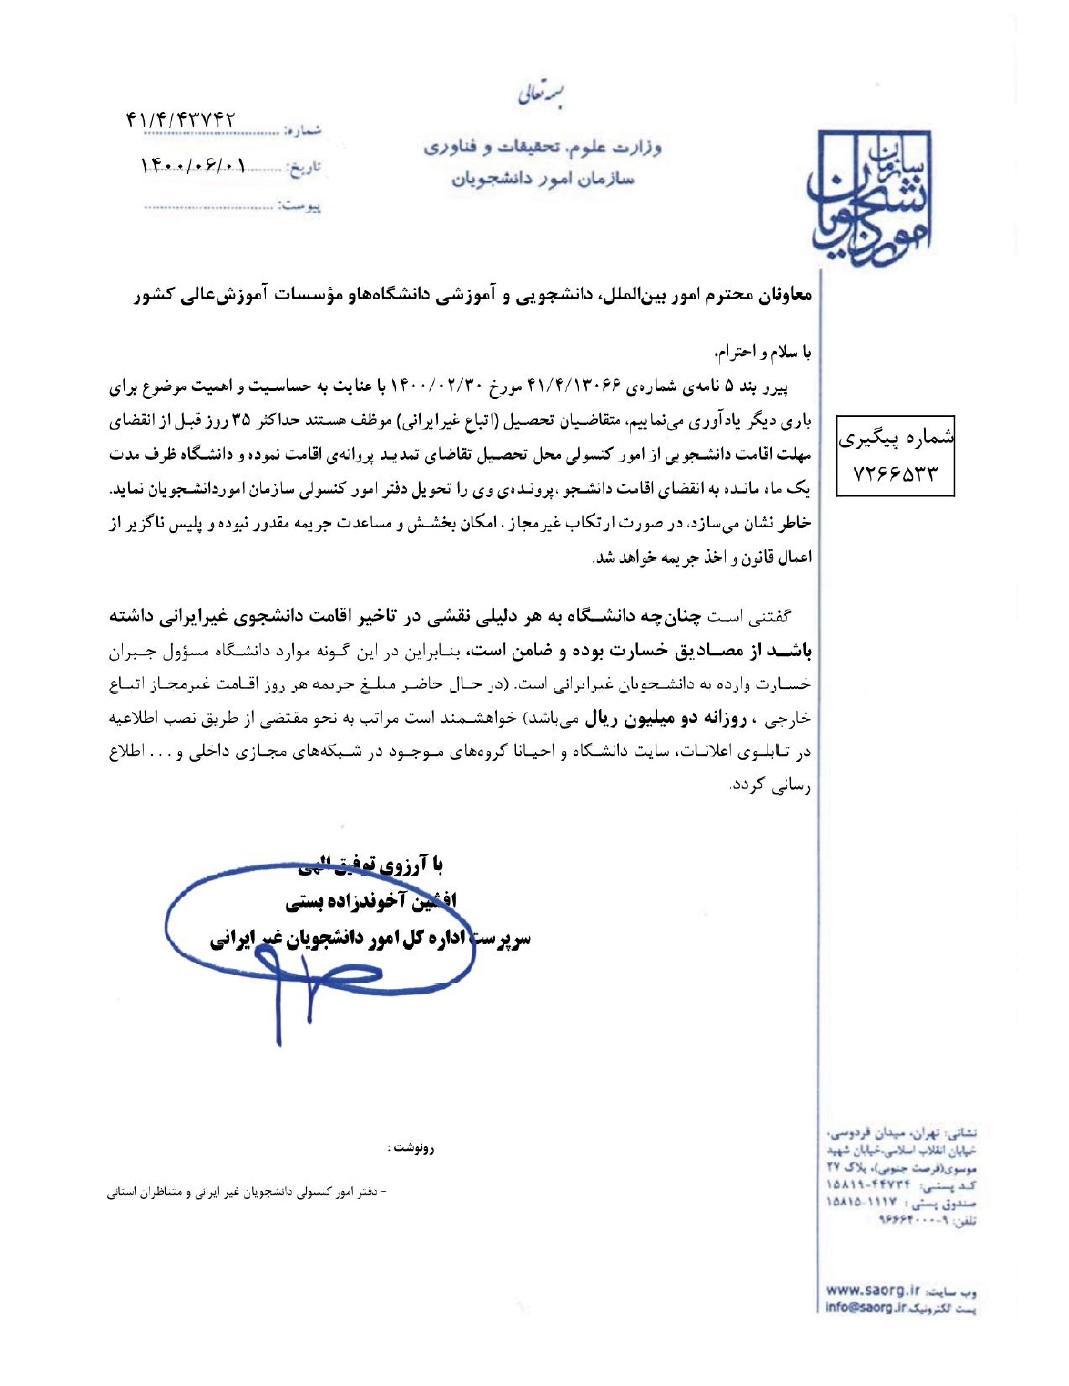 بخشنامه اقامت دانشجویان غیر ایرانی